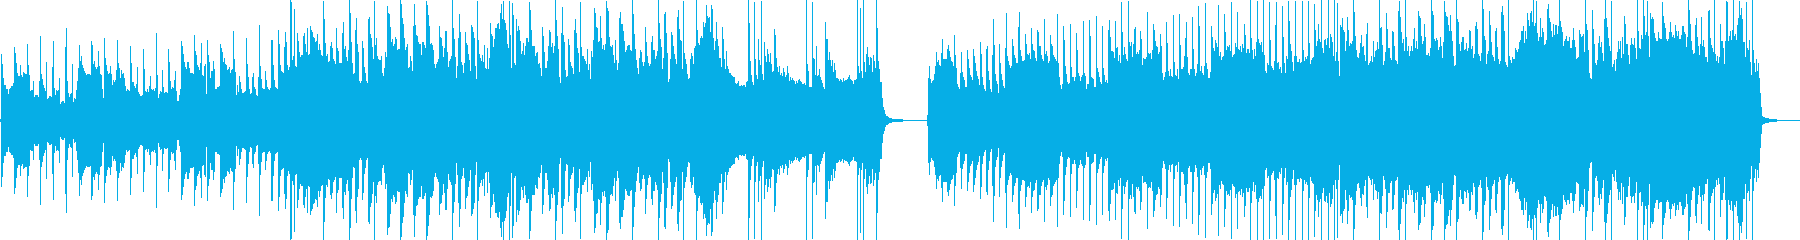 脈動する低音の安定した溝付きドラム...の再生済みの波形